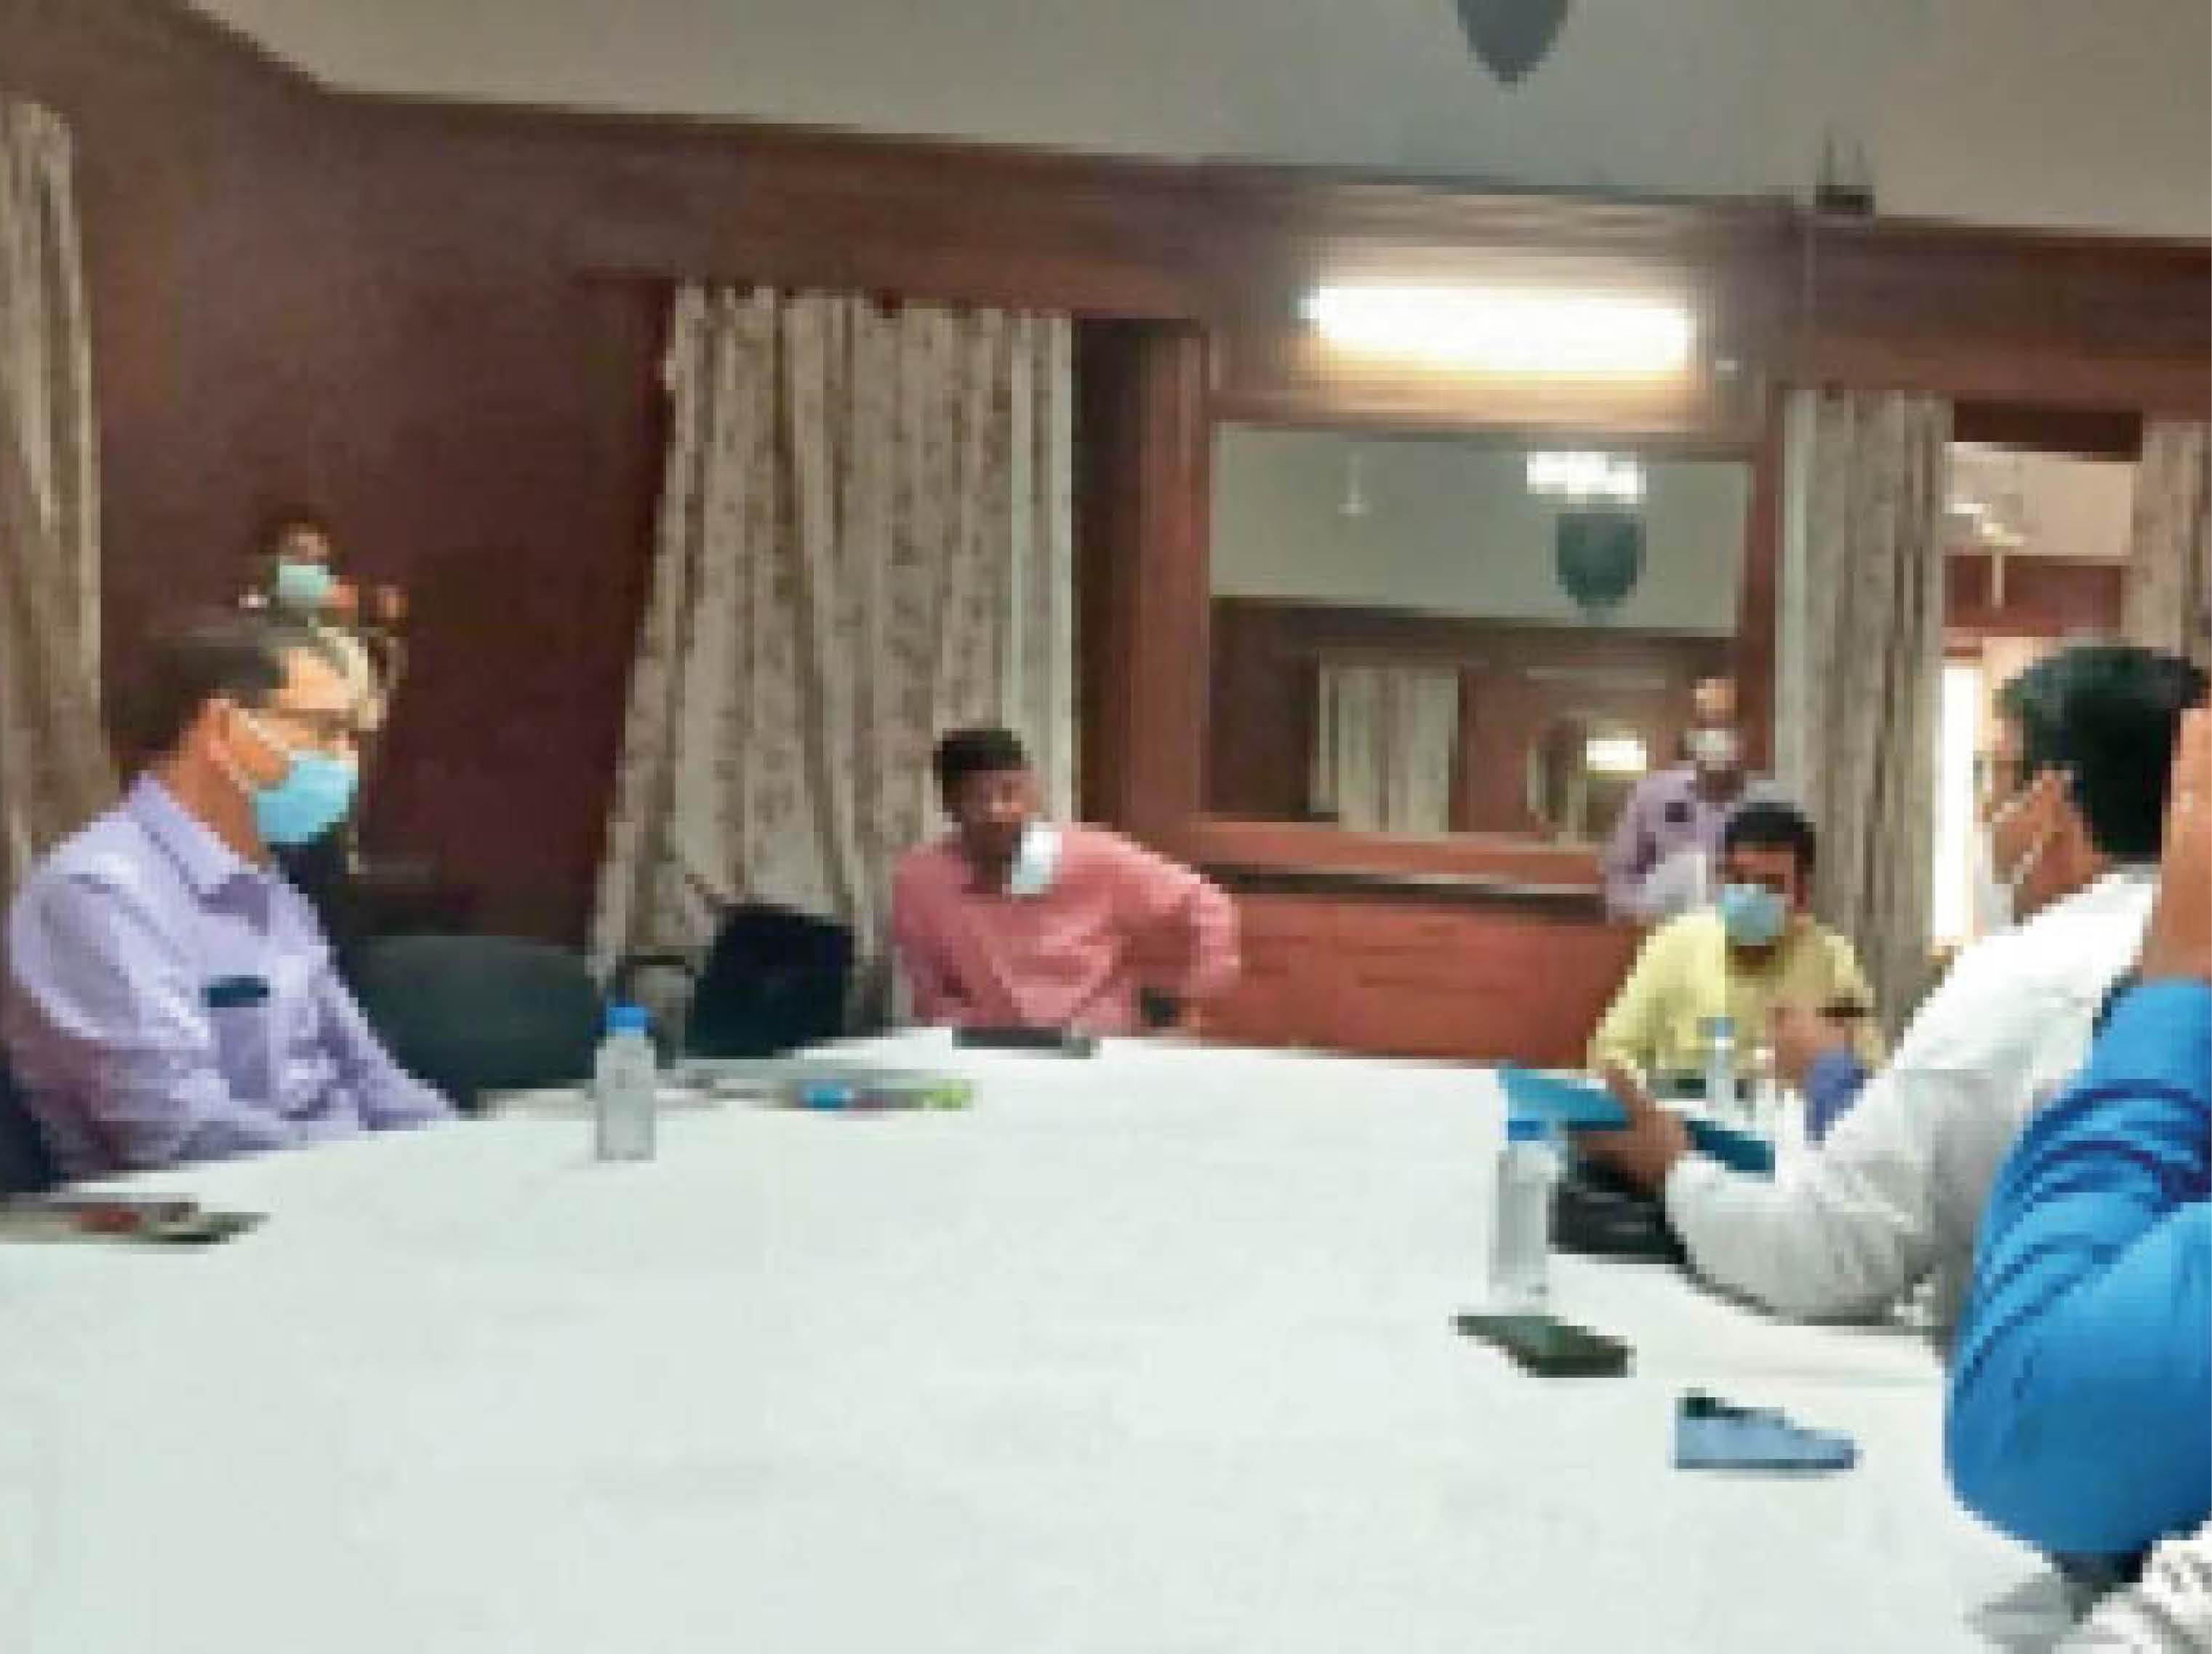 सरकार ने फीस नहीं बढ़ाने को कहा तो अन्य तरह से स्कूल कर रहे हैं वसूली - Dainik Bhaskar